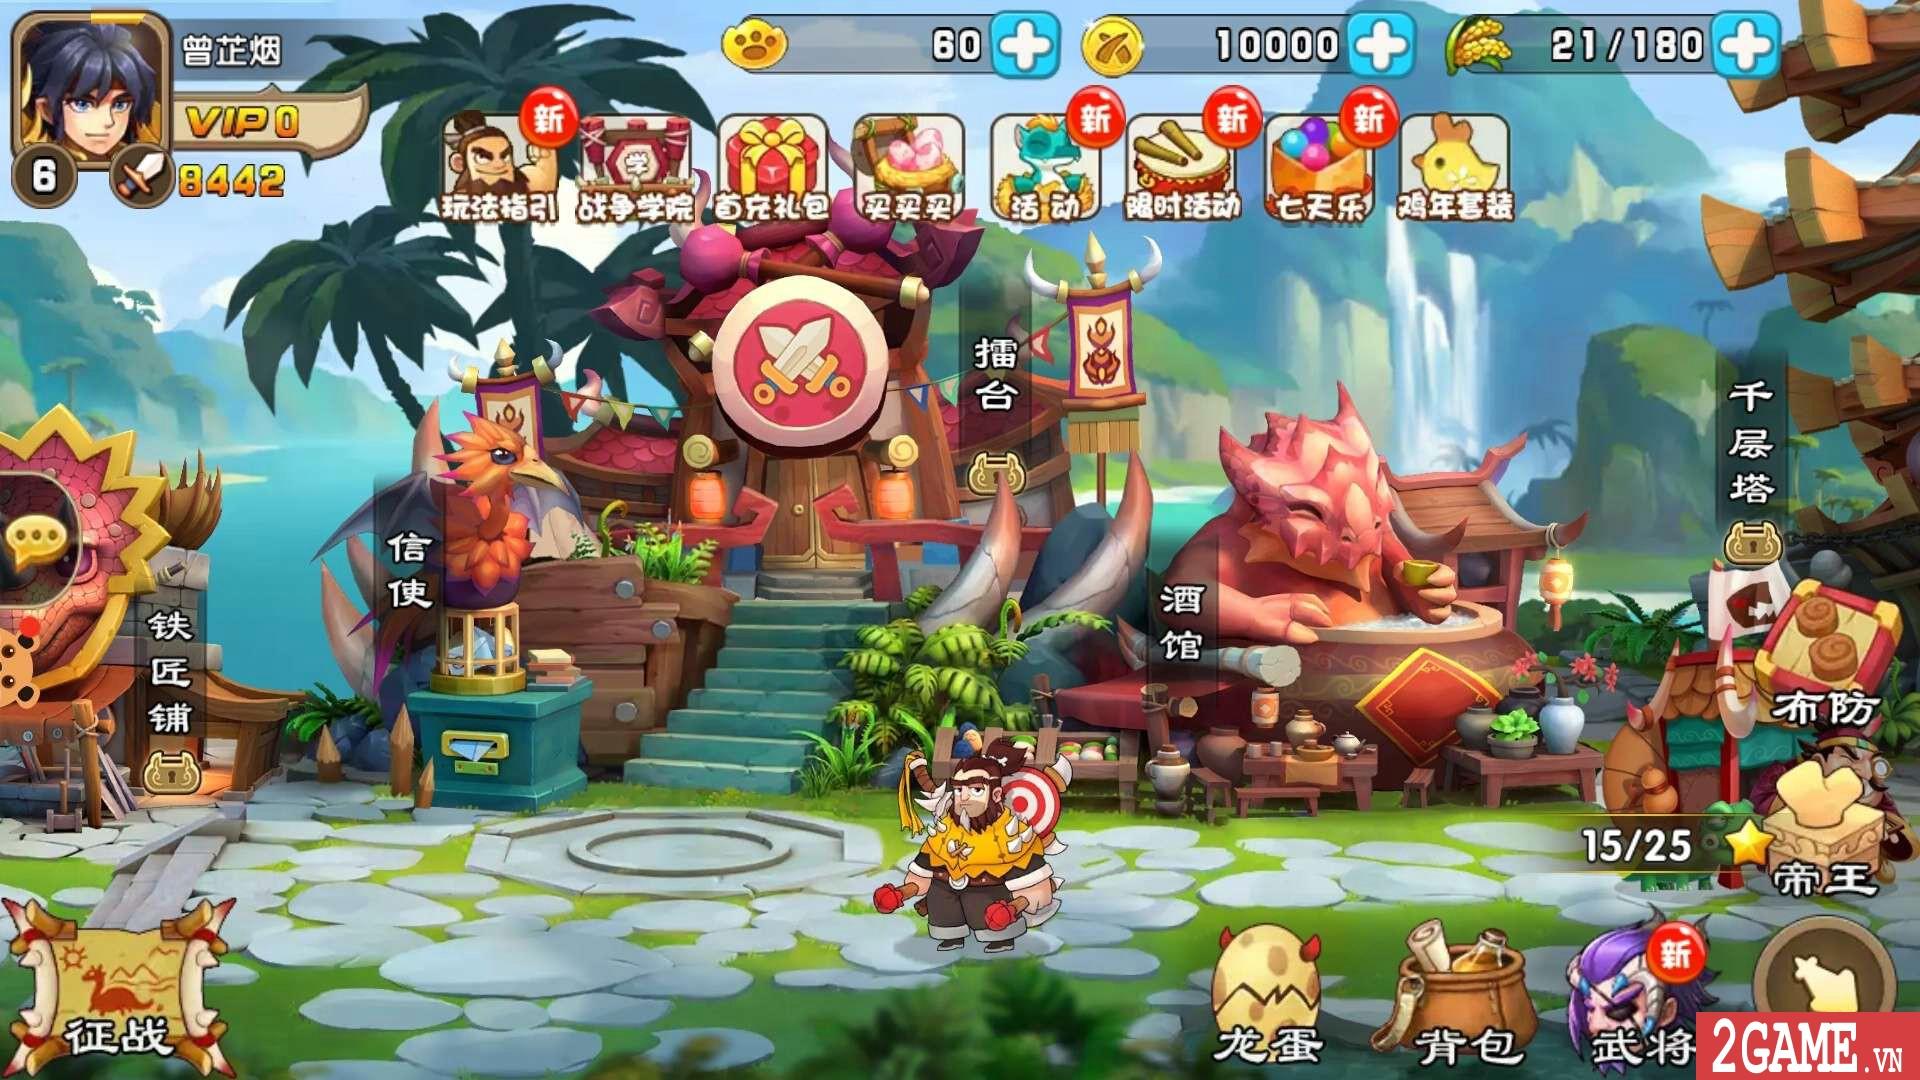 Cảm nhận Huấn Long VNG: Đồ họa kiểu trẻ con nhưng gameplay lại rất người lớn 0